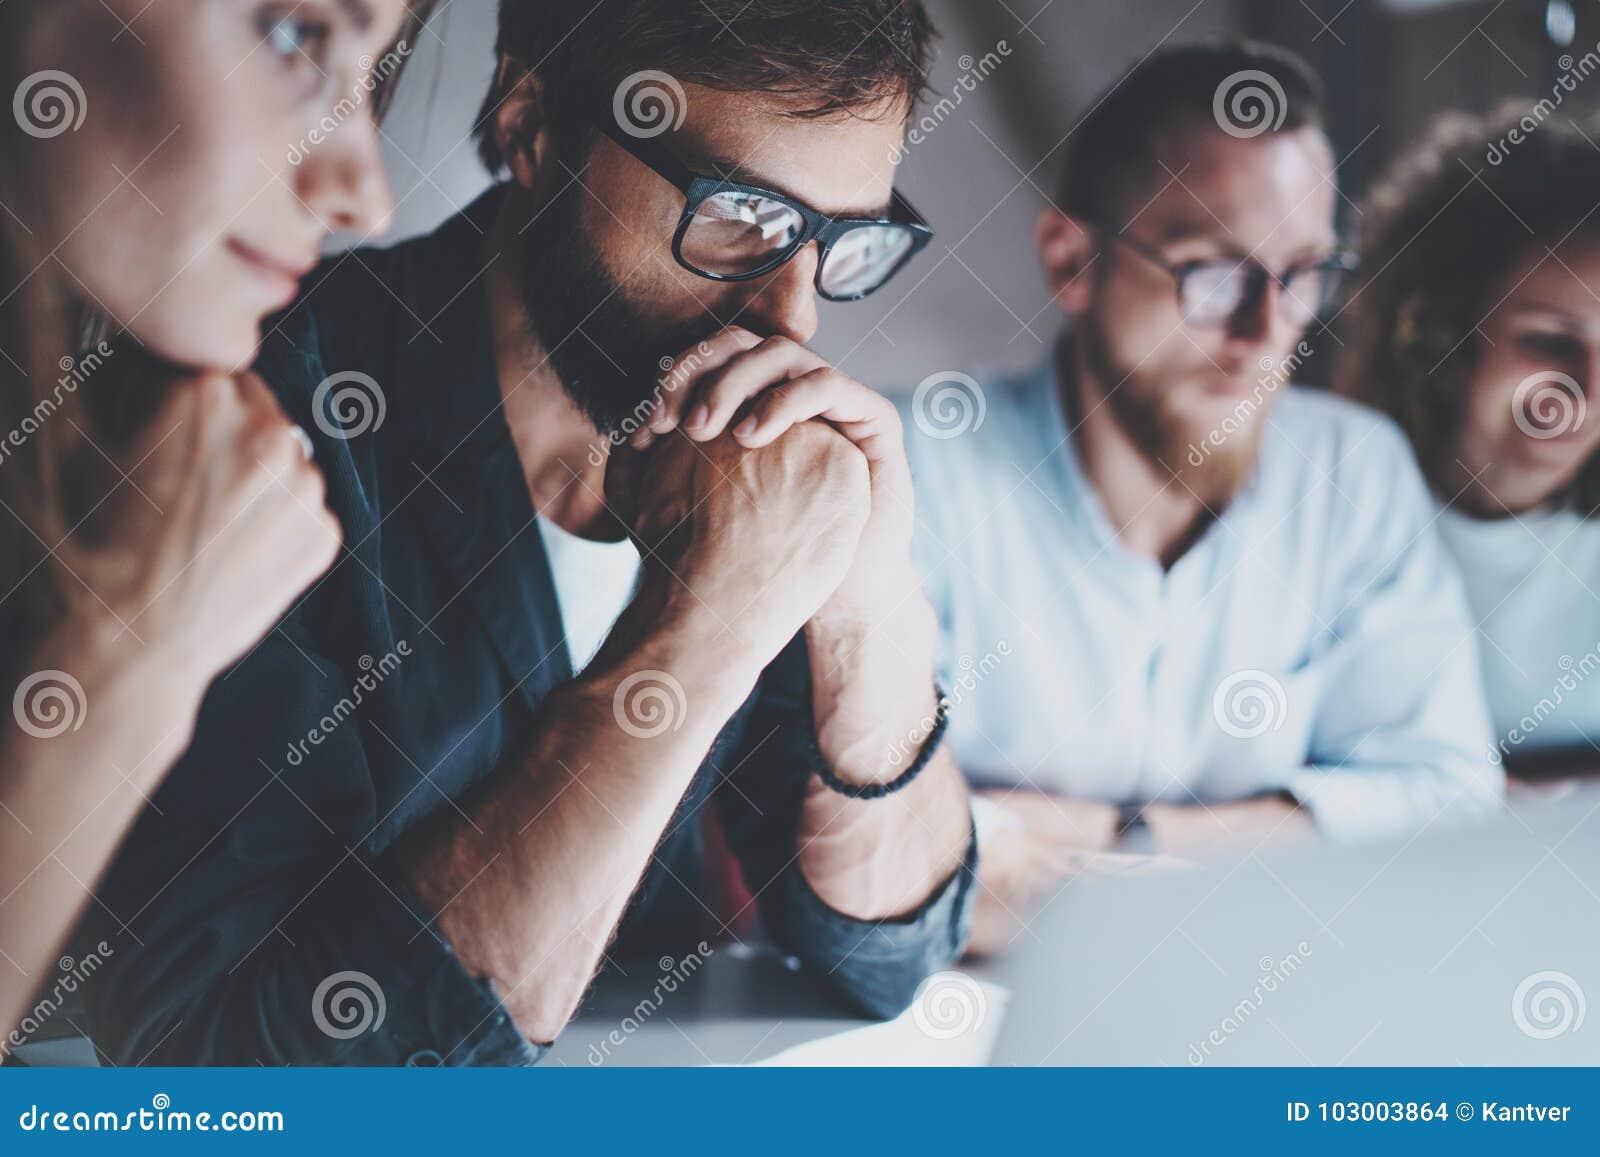 Gruppen av unga entreprenörer söker efter en affärslösning under arbetsprocess på nattkontoret vektor för folk för affärsillustra